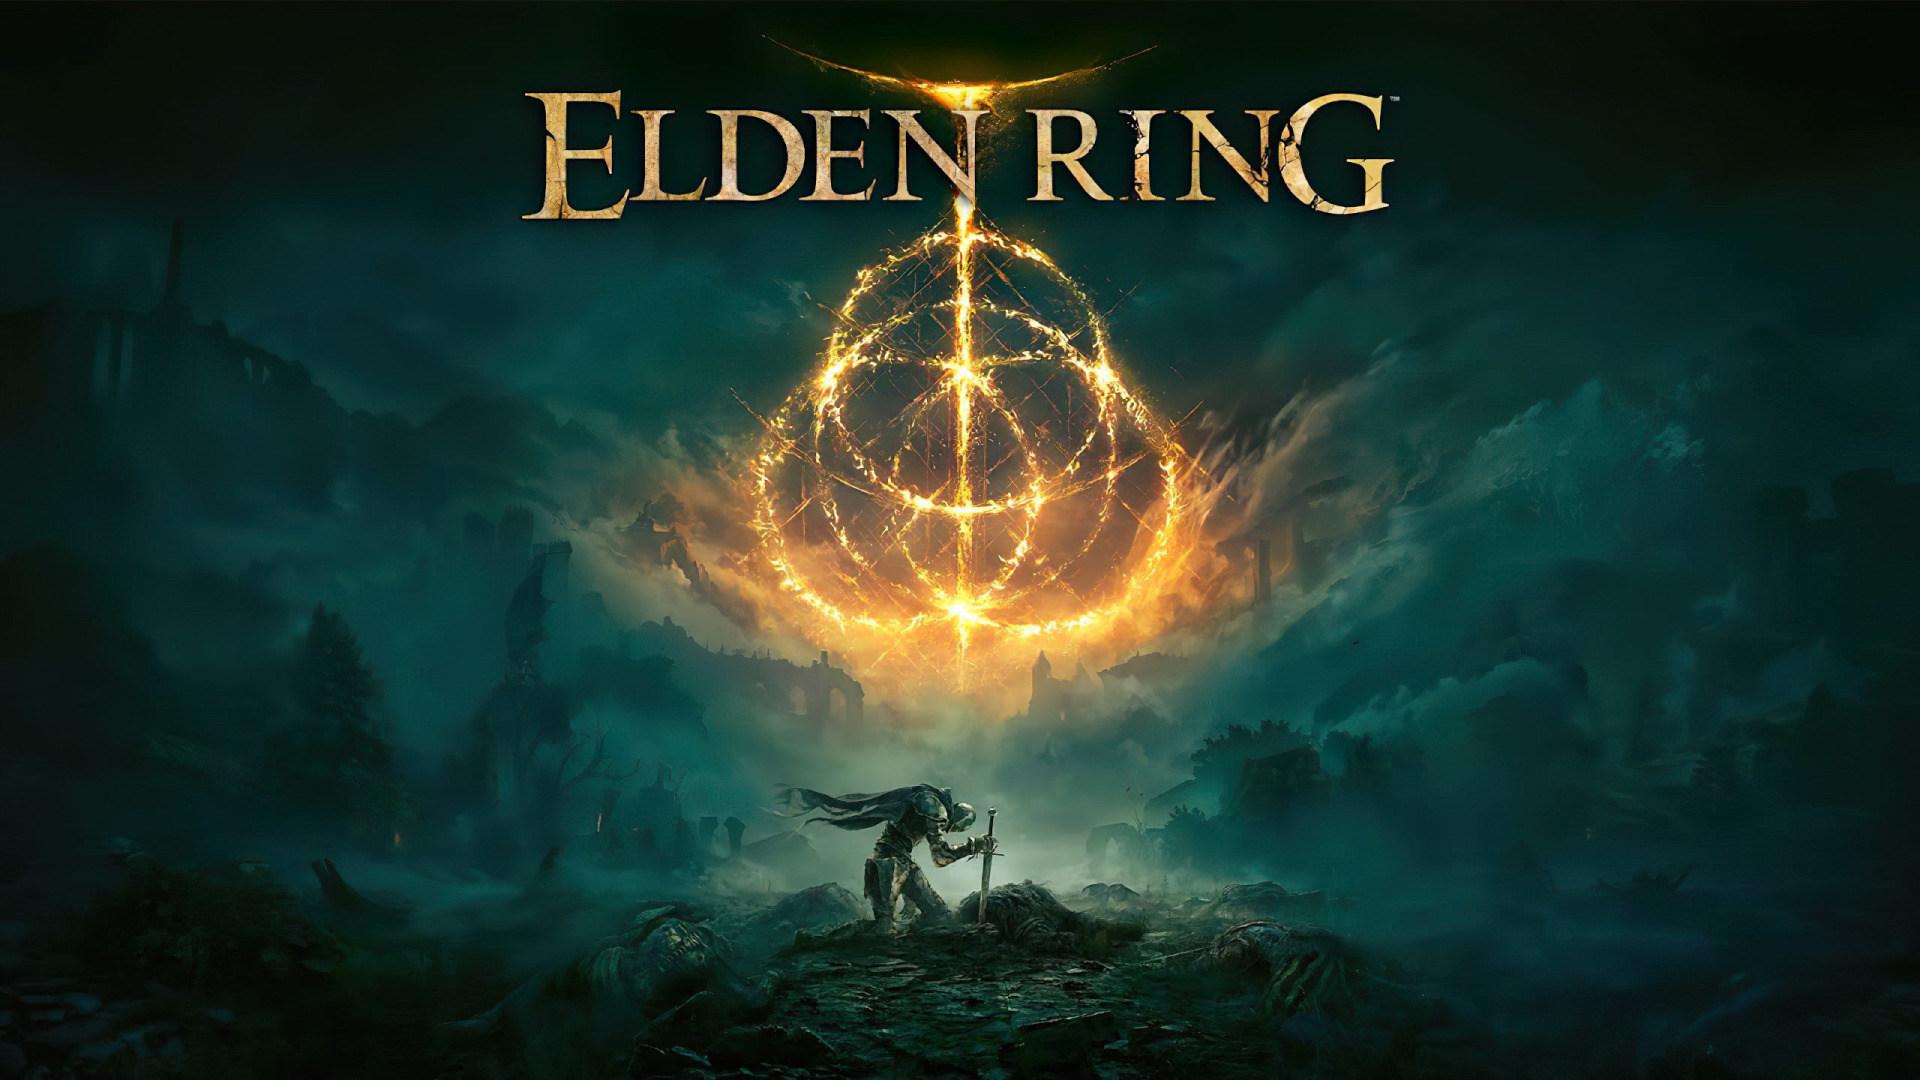 Trailer, E3, Rollenspiel, Bandai Namco, action-rollenspiel, From Software, RPG, E3 2021, Elden Ring, Summer Game Fest 2021